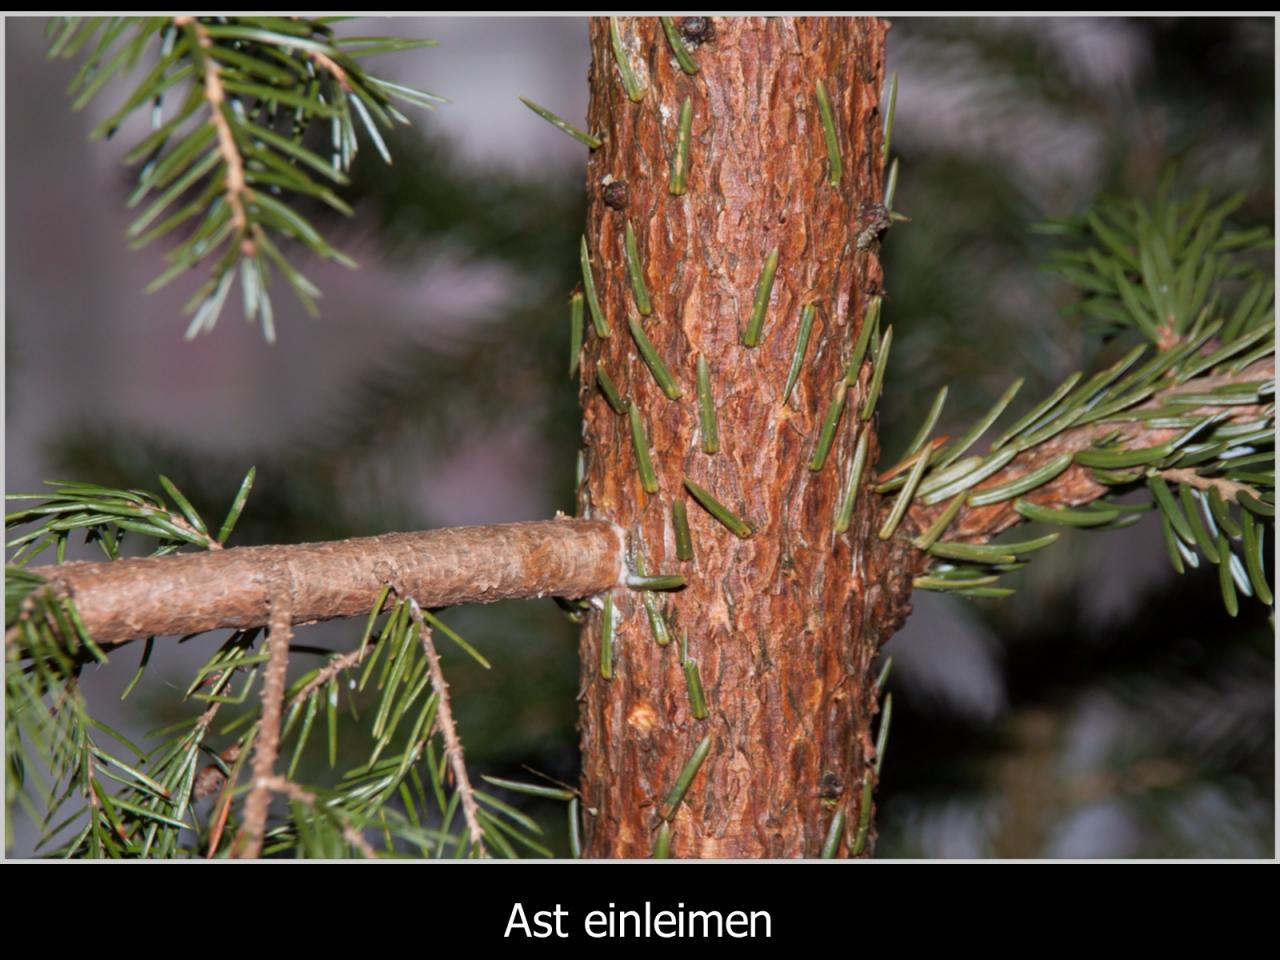 Weihnachtsbaum Ast.Christbaum Tuning Leichtgemacht Bauanleitung Zum Selberbauen 1 2